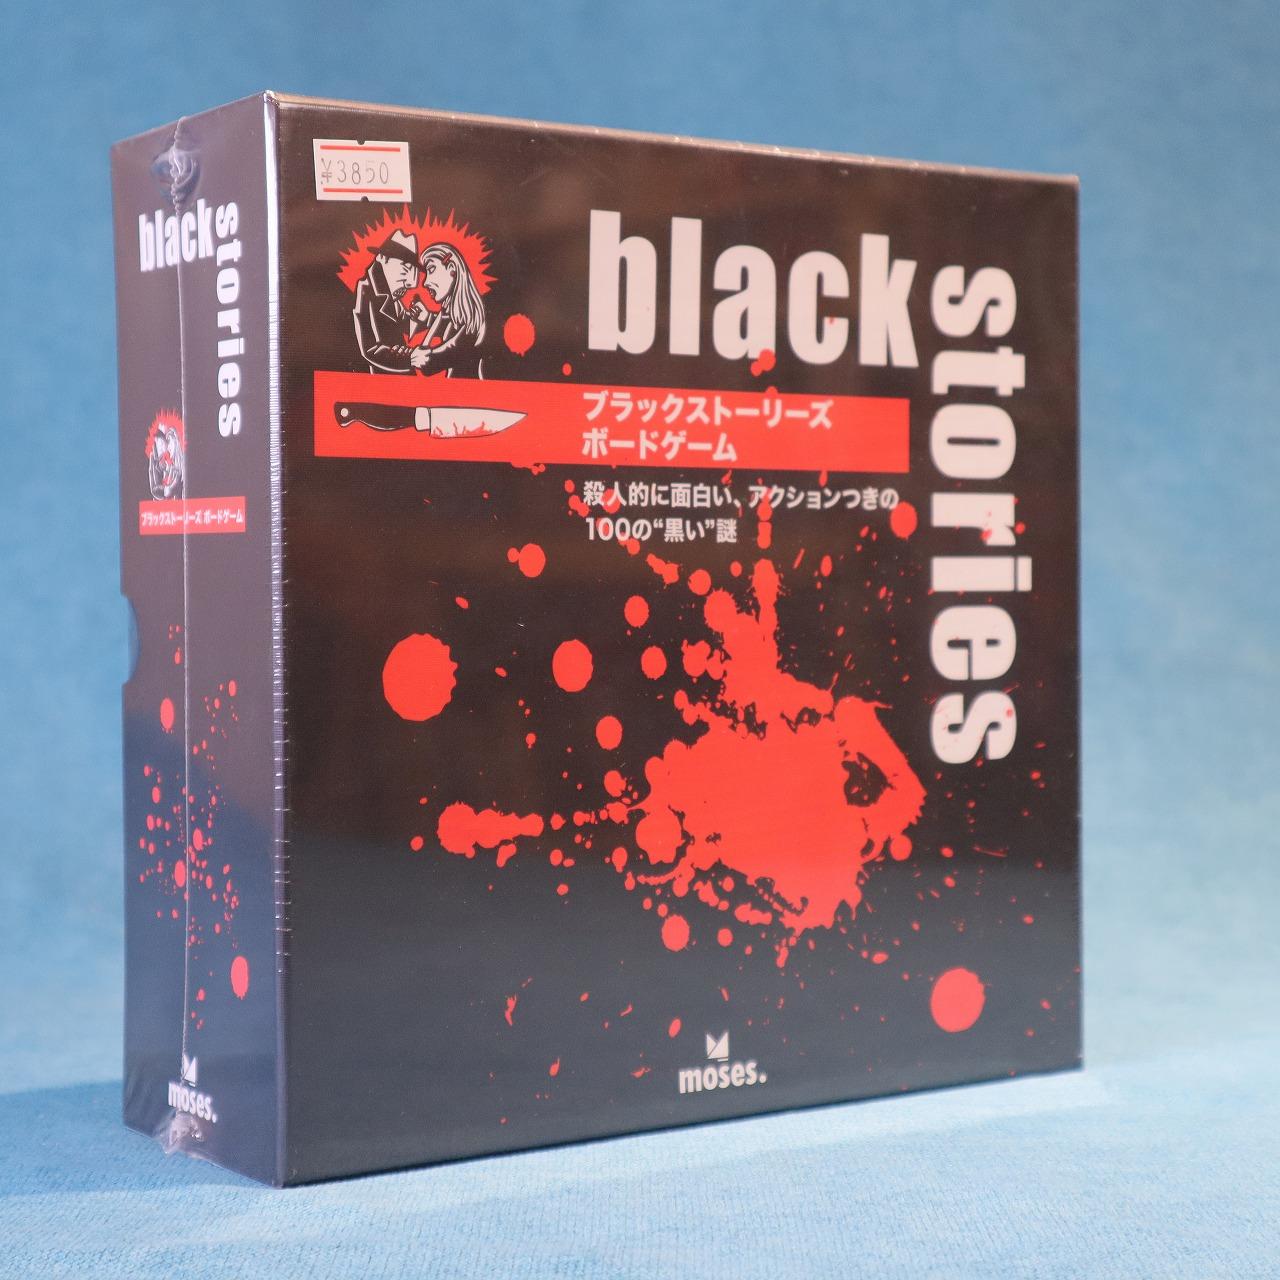 ブラックストーリーズ ボードゲーム 日本語版